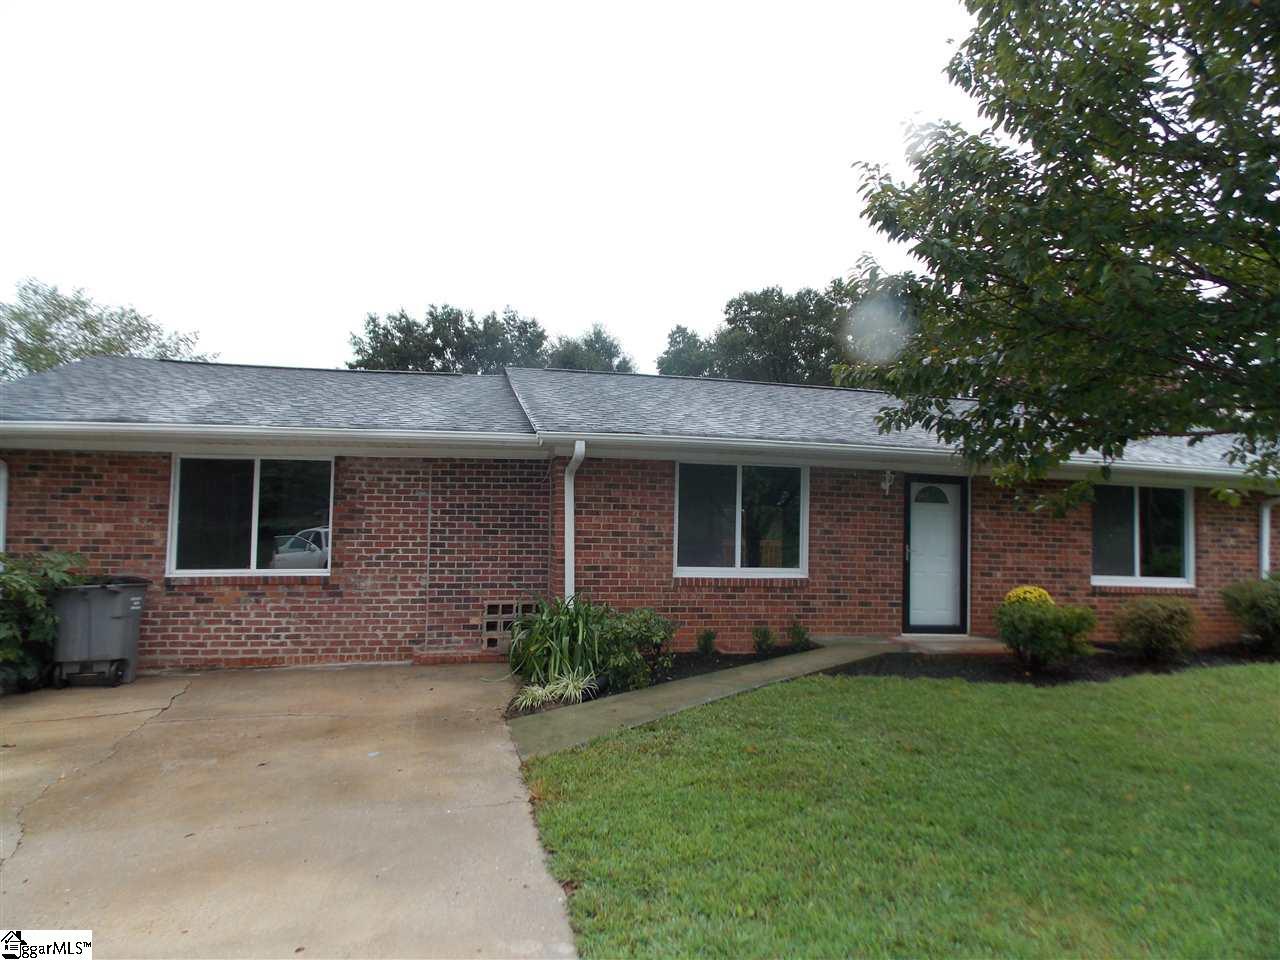 106 Richmond Drive, Greenville, SC 29617